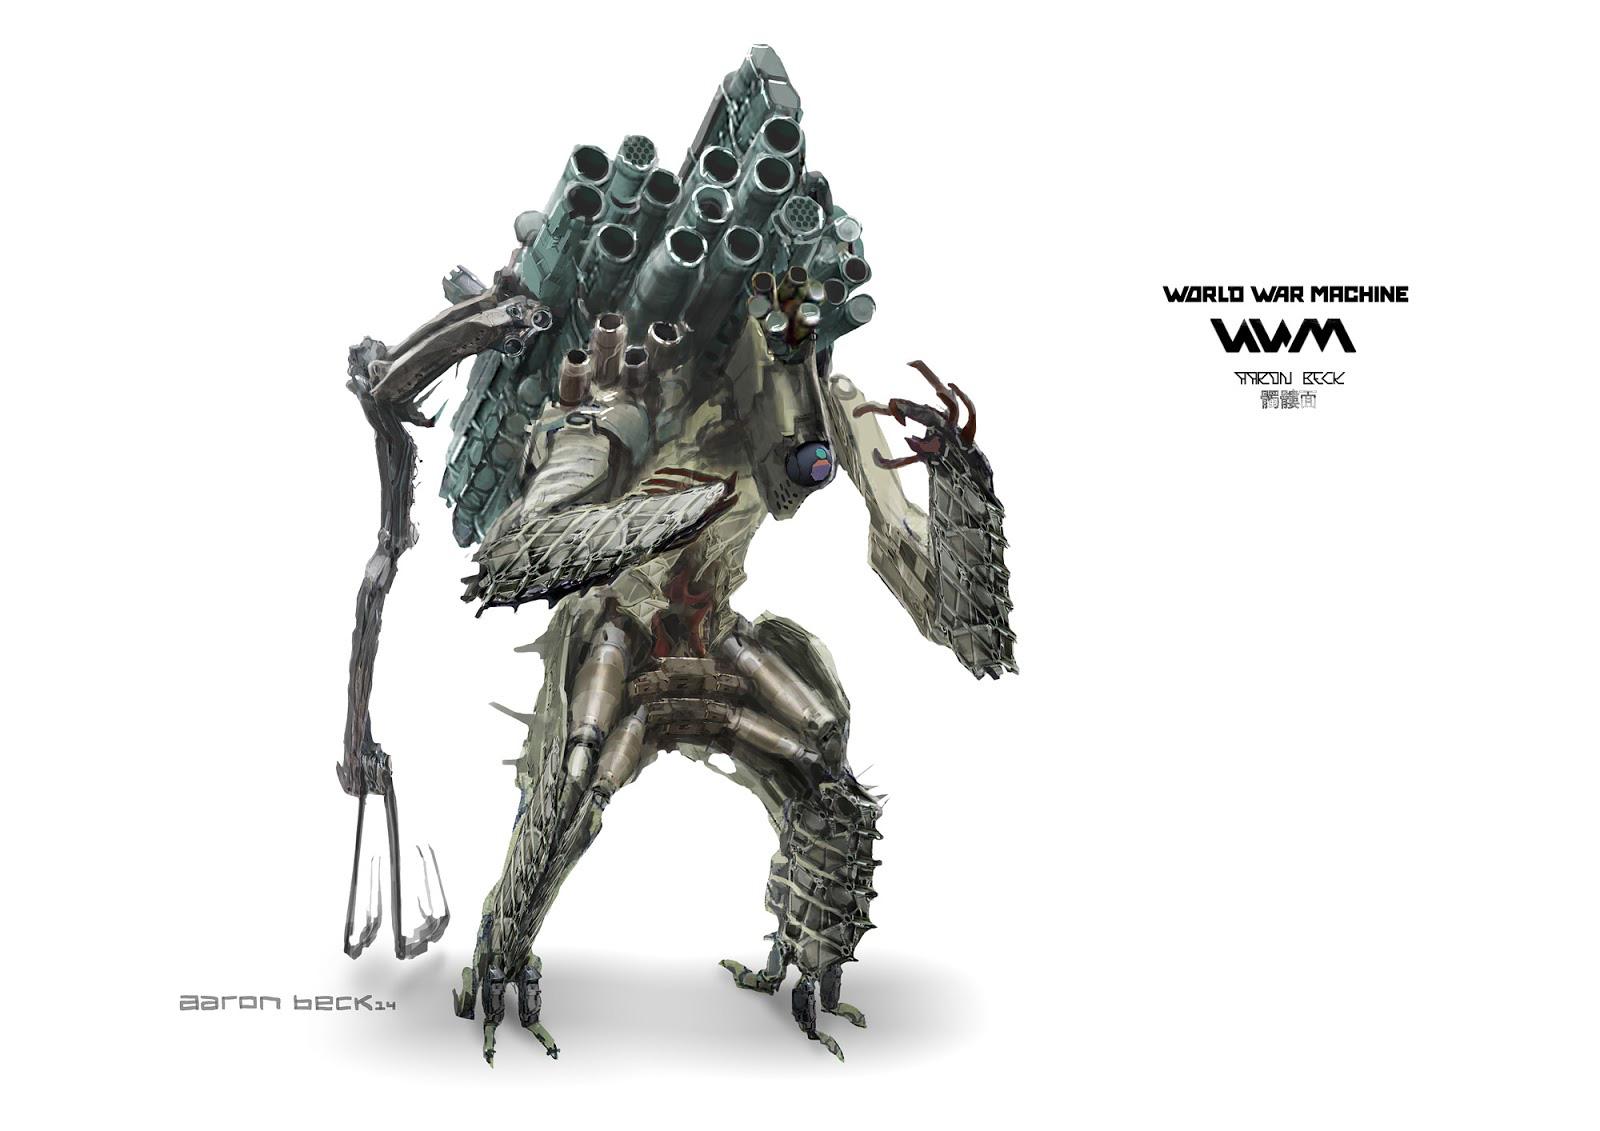 world war machine